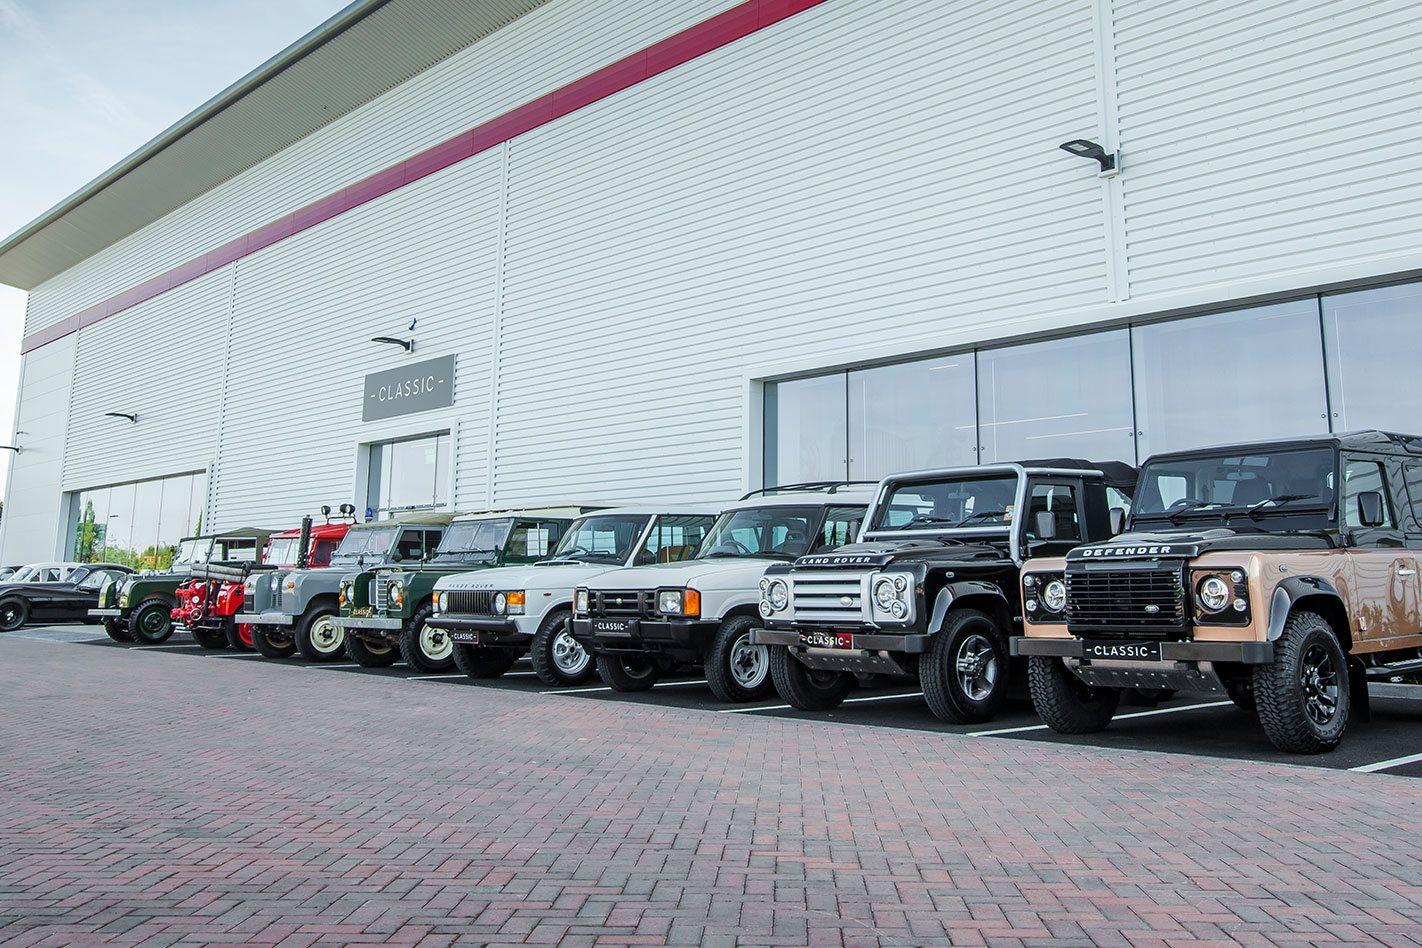 Jaguar-Land-Rover-Factory-lined-up.jpg